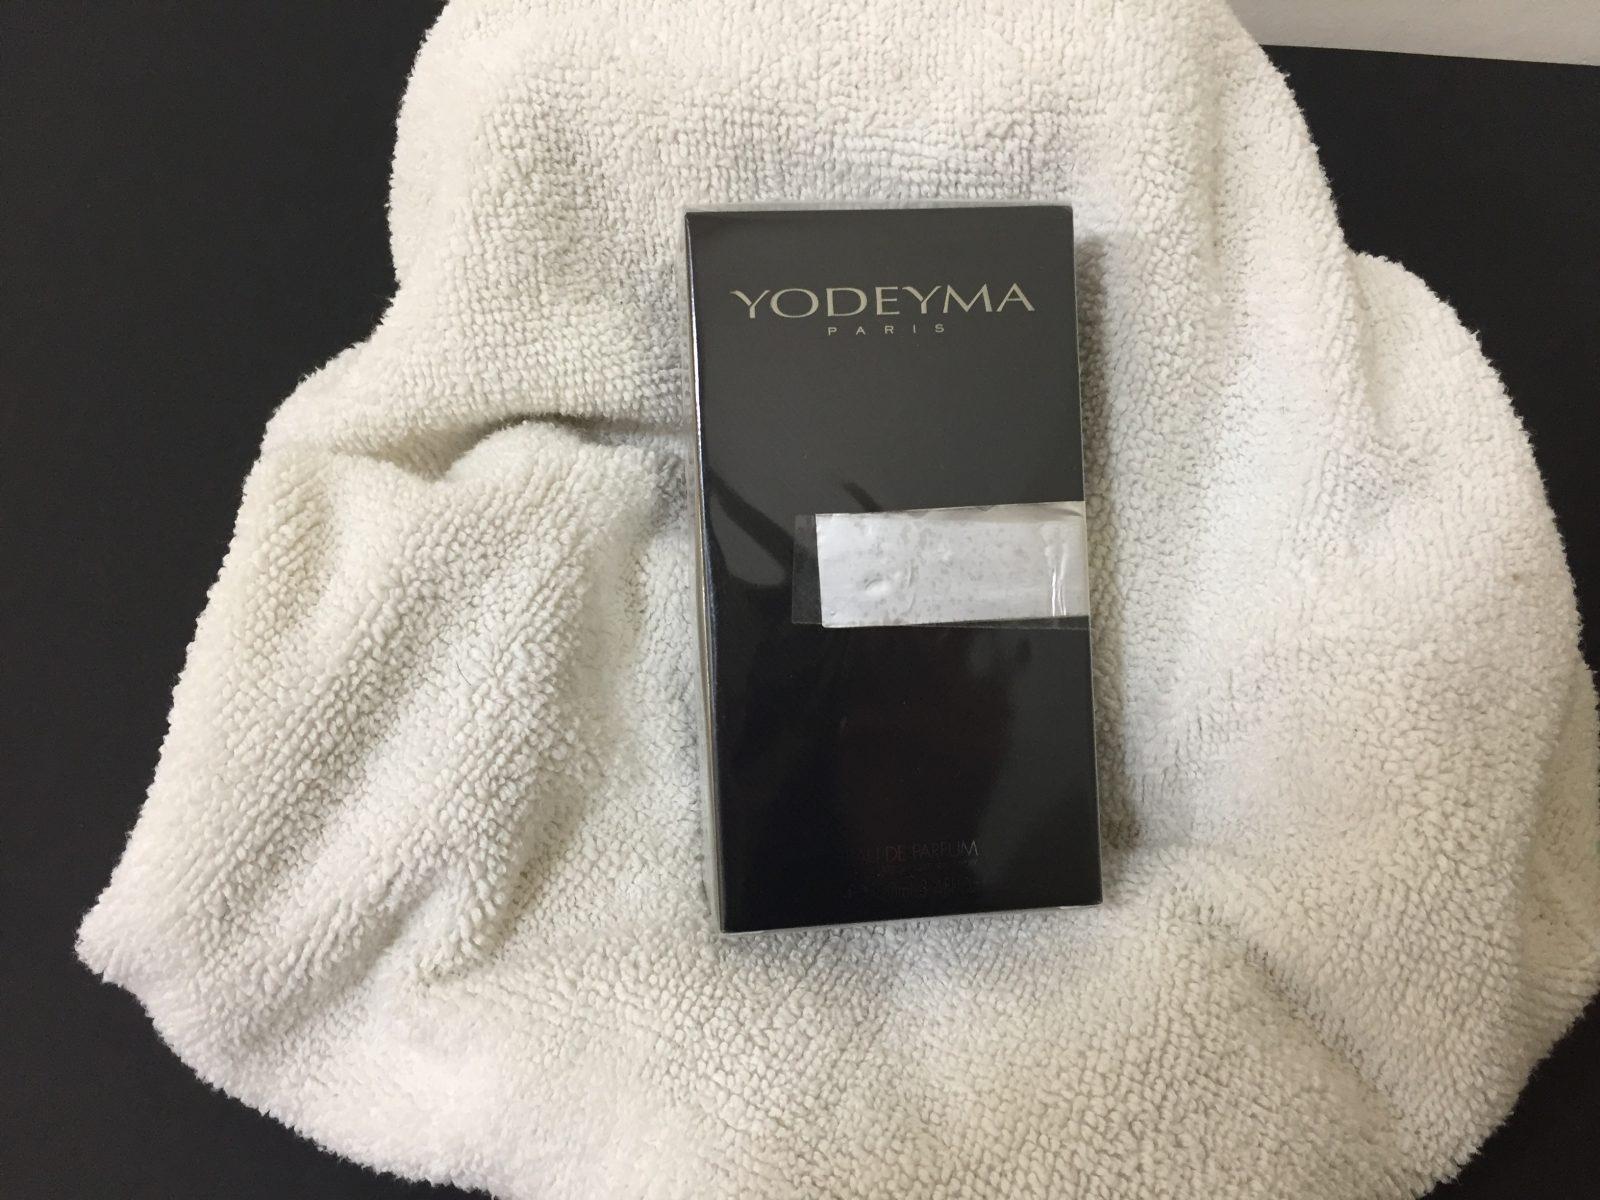 Yodeyma Espacio | Résolu